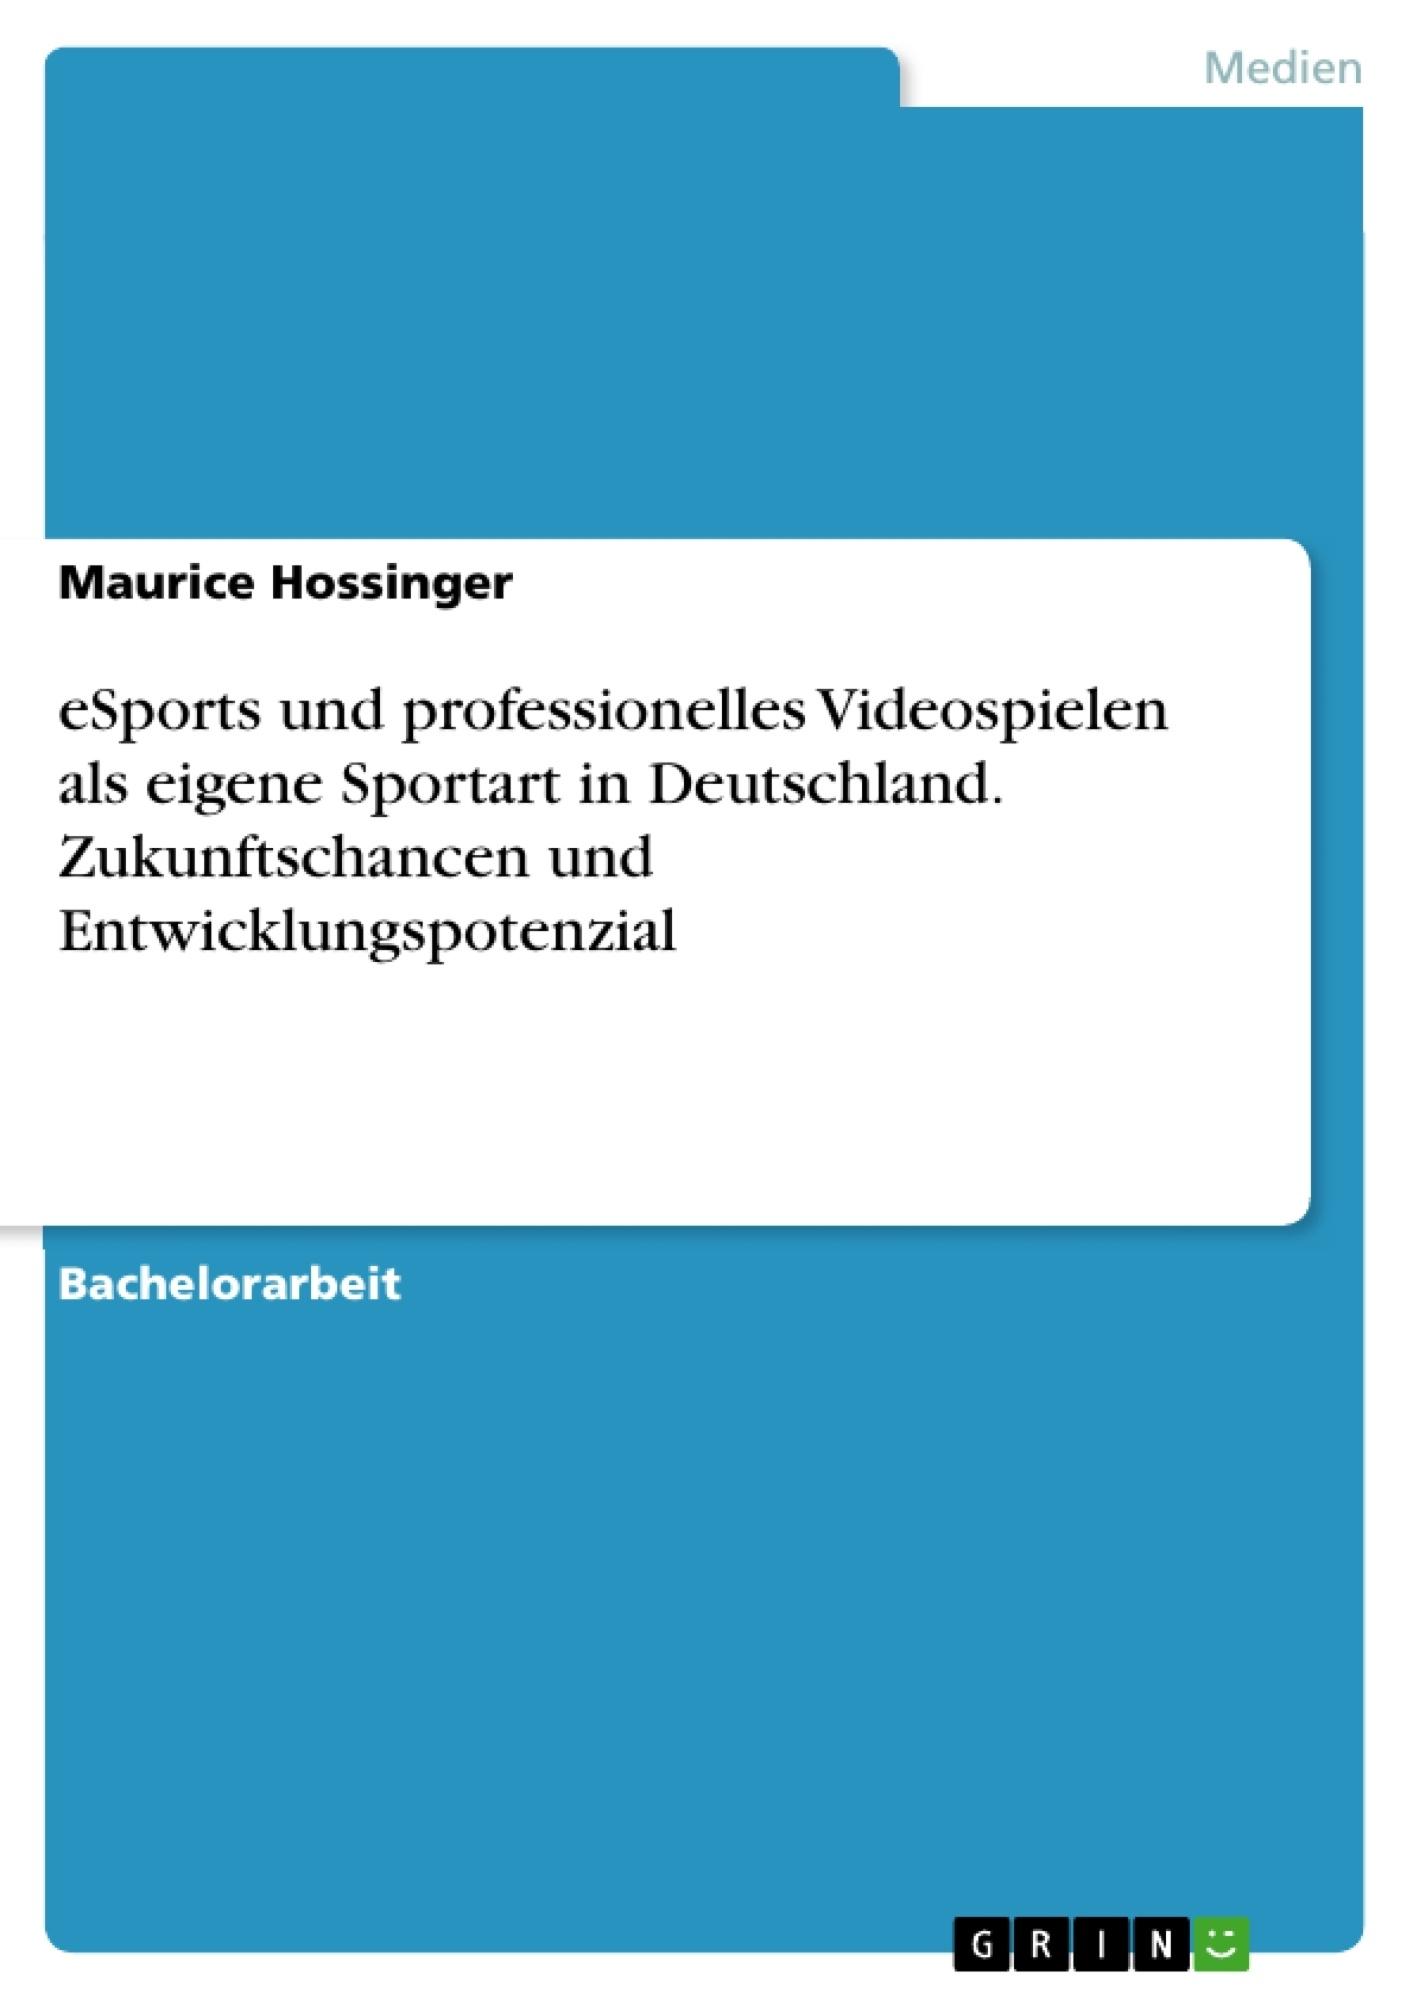 Titel: eSports und professionelles Videospielen als eigene Sportart in Deutschland. Zukunftschancen und Entwicklungspotenzial